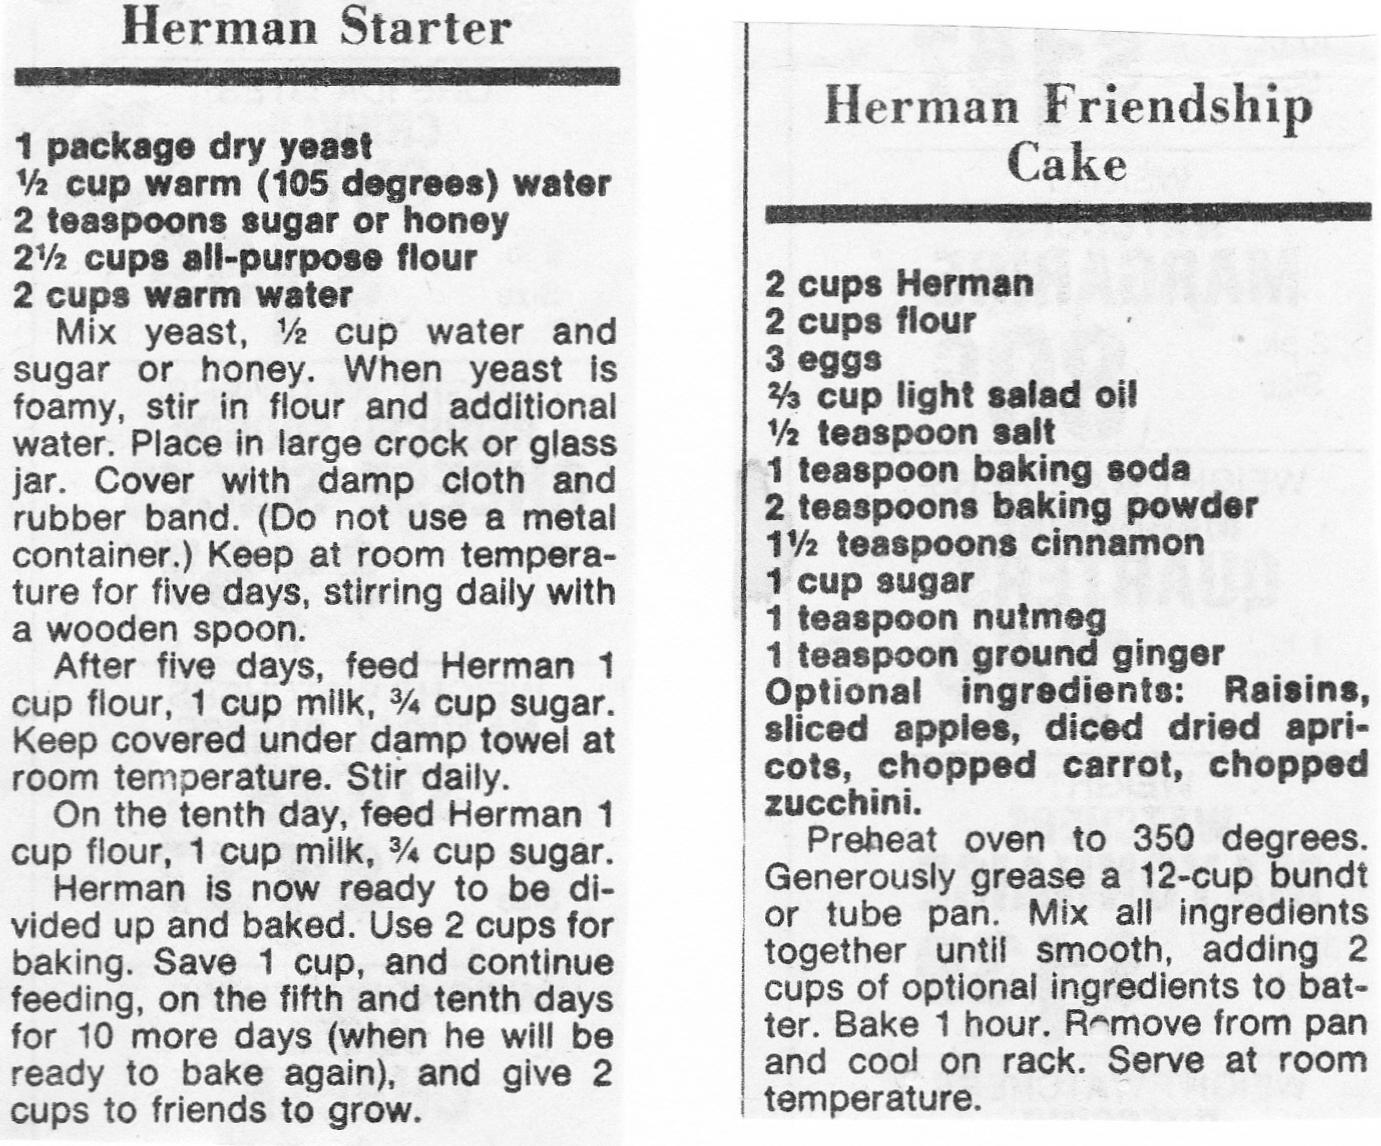 Starter recipe for herman friendship cake